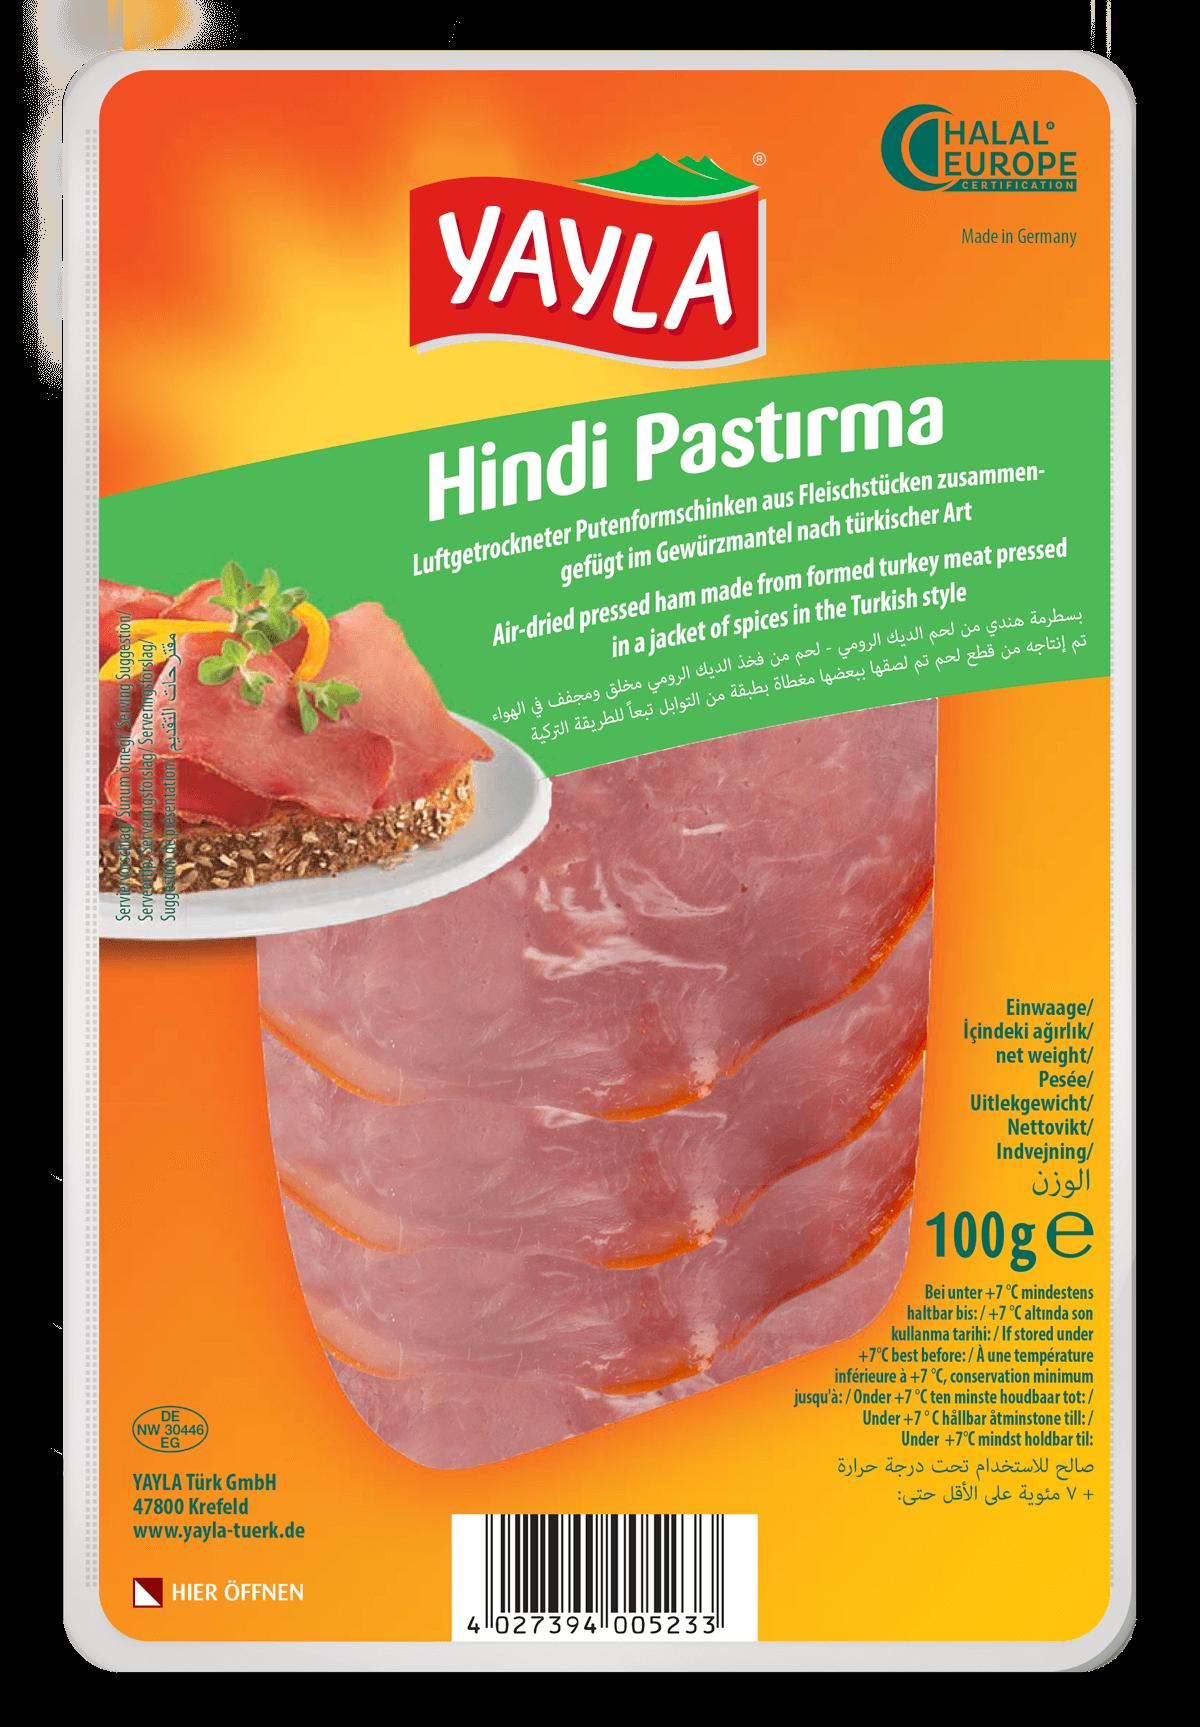 Yayla Hindi Pastirma / Putenformfleischschinken nach türkischer Art 100g